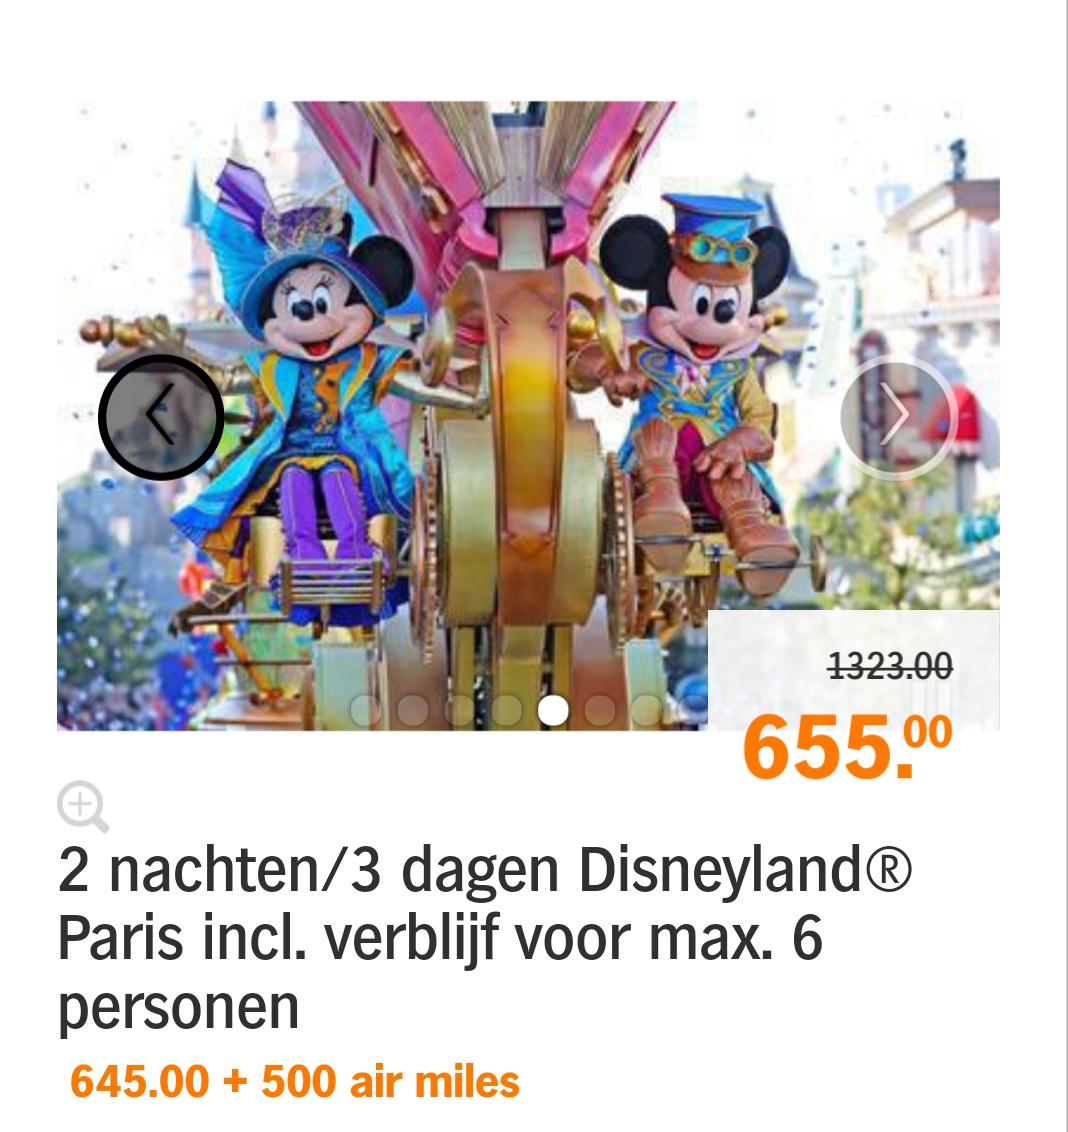 3 dagen/ 2 nachten Disneyland Paris, vanaf €109 pp! (Bij 6 pers.)